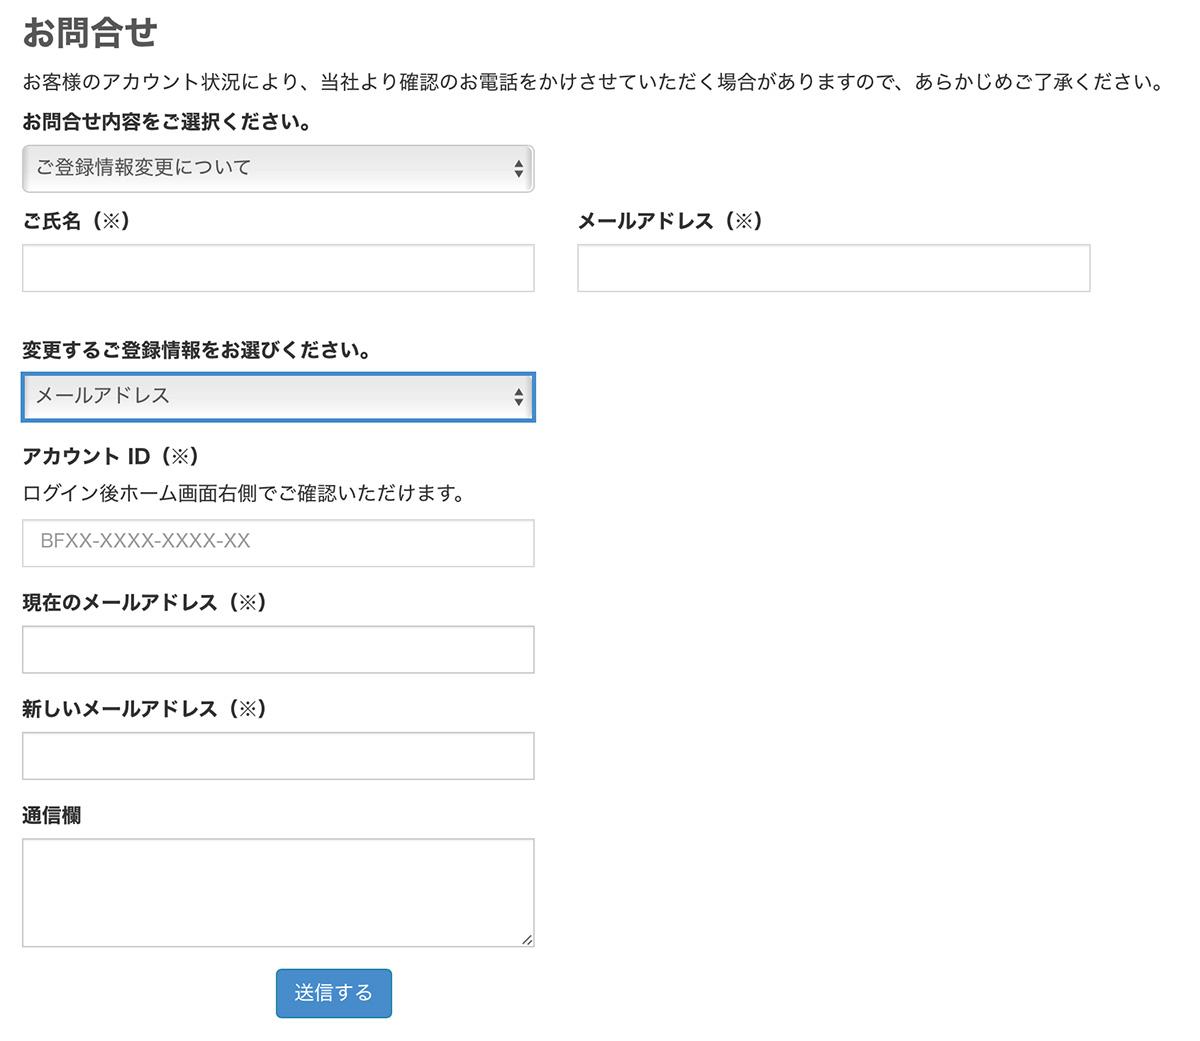 「お問い合わせフォーム」で「ご登録情報変更について」を選択し、必要事項を入力